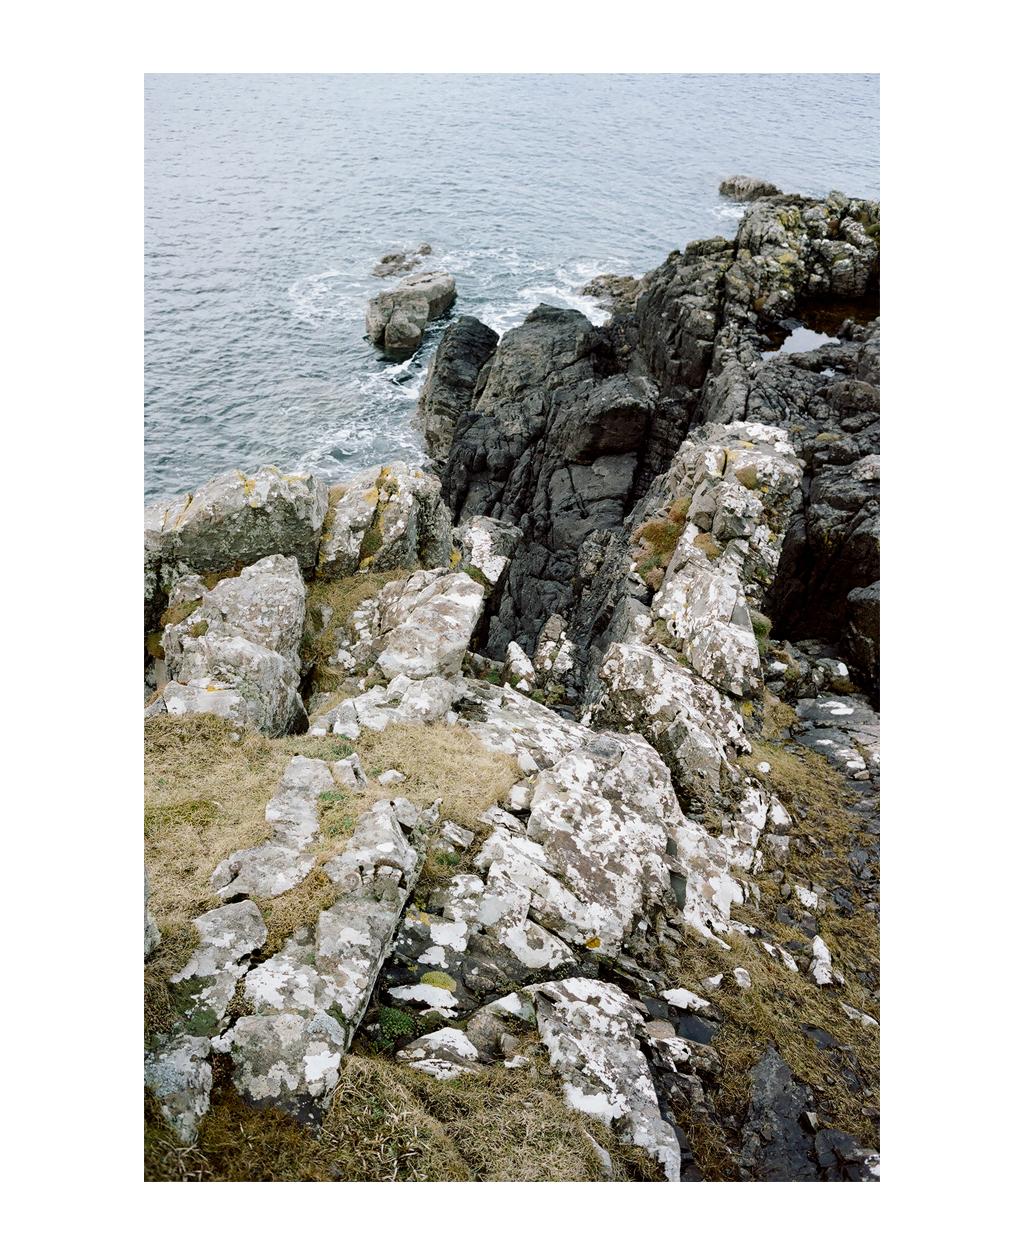 The Isle of Skye, Scotland.